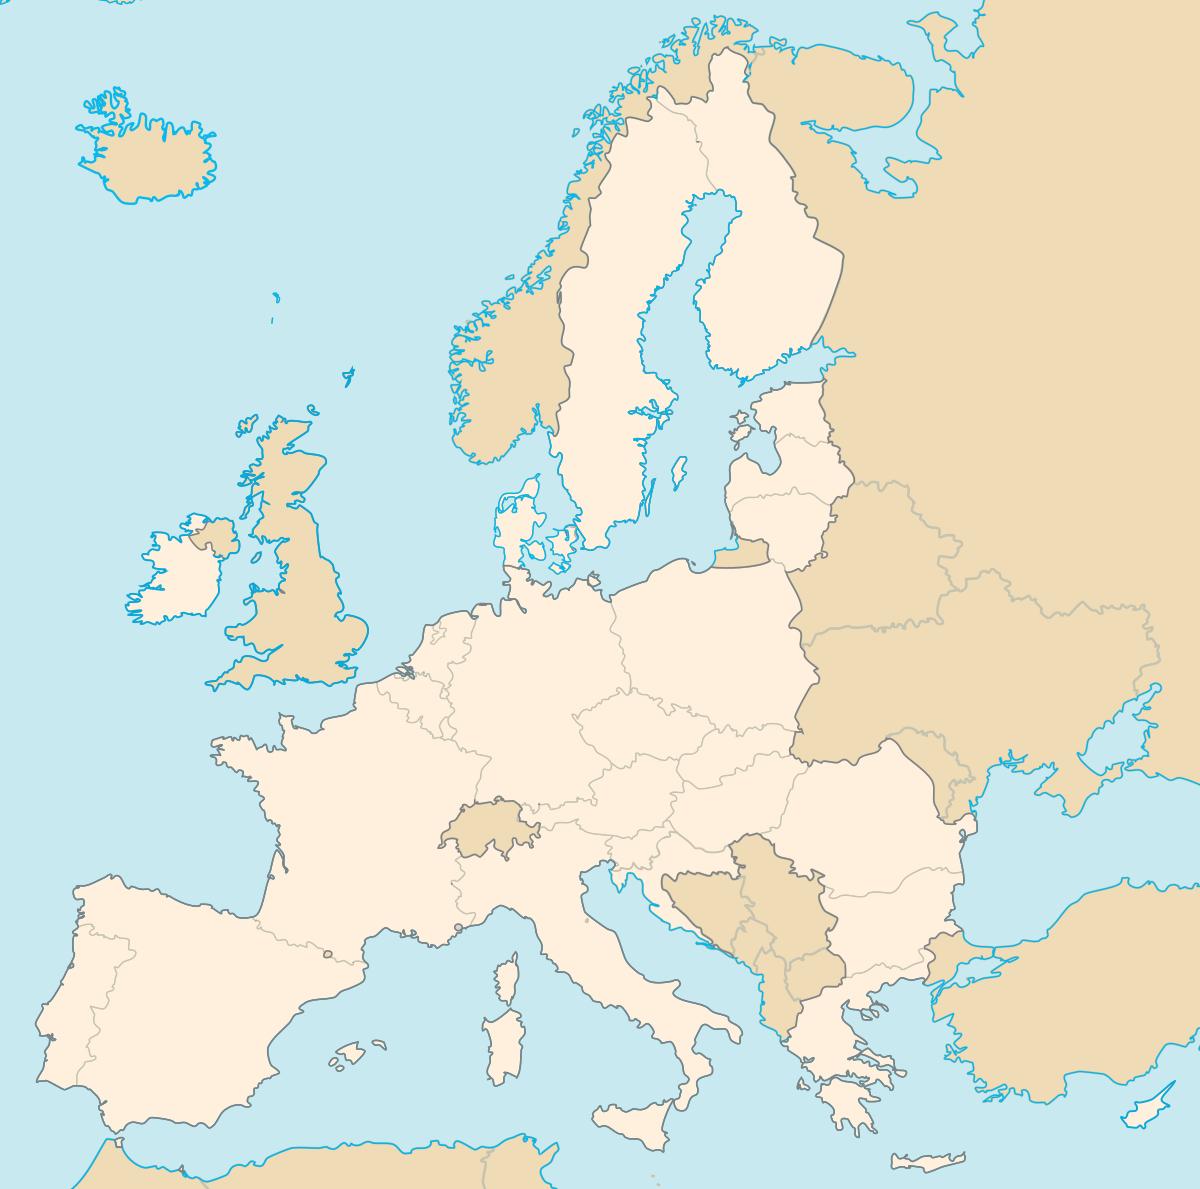 États Membres De L'union Européenne — Wikipédia intérieur Carte Europe Pays Et Capitale